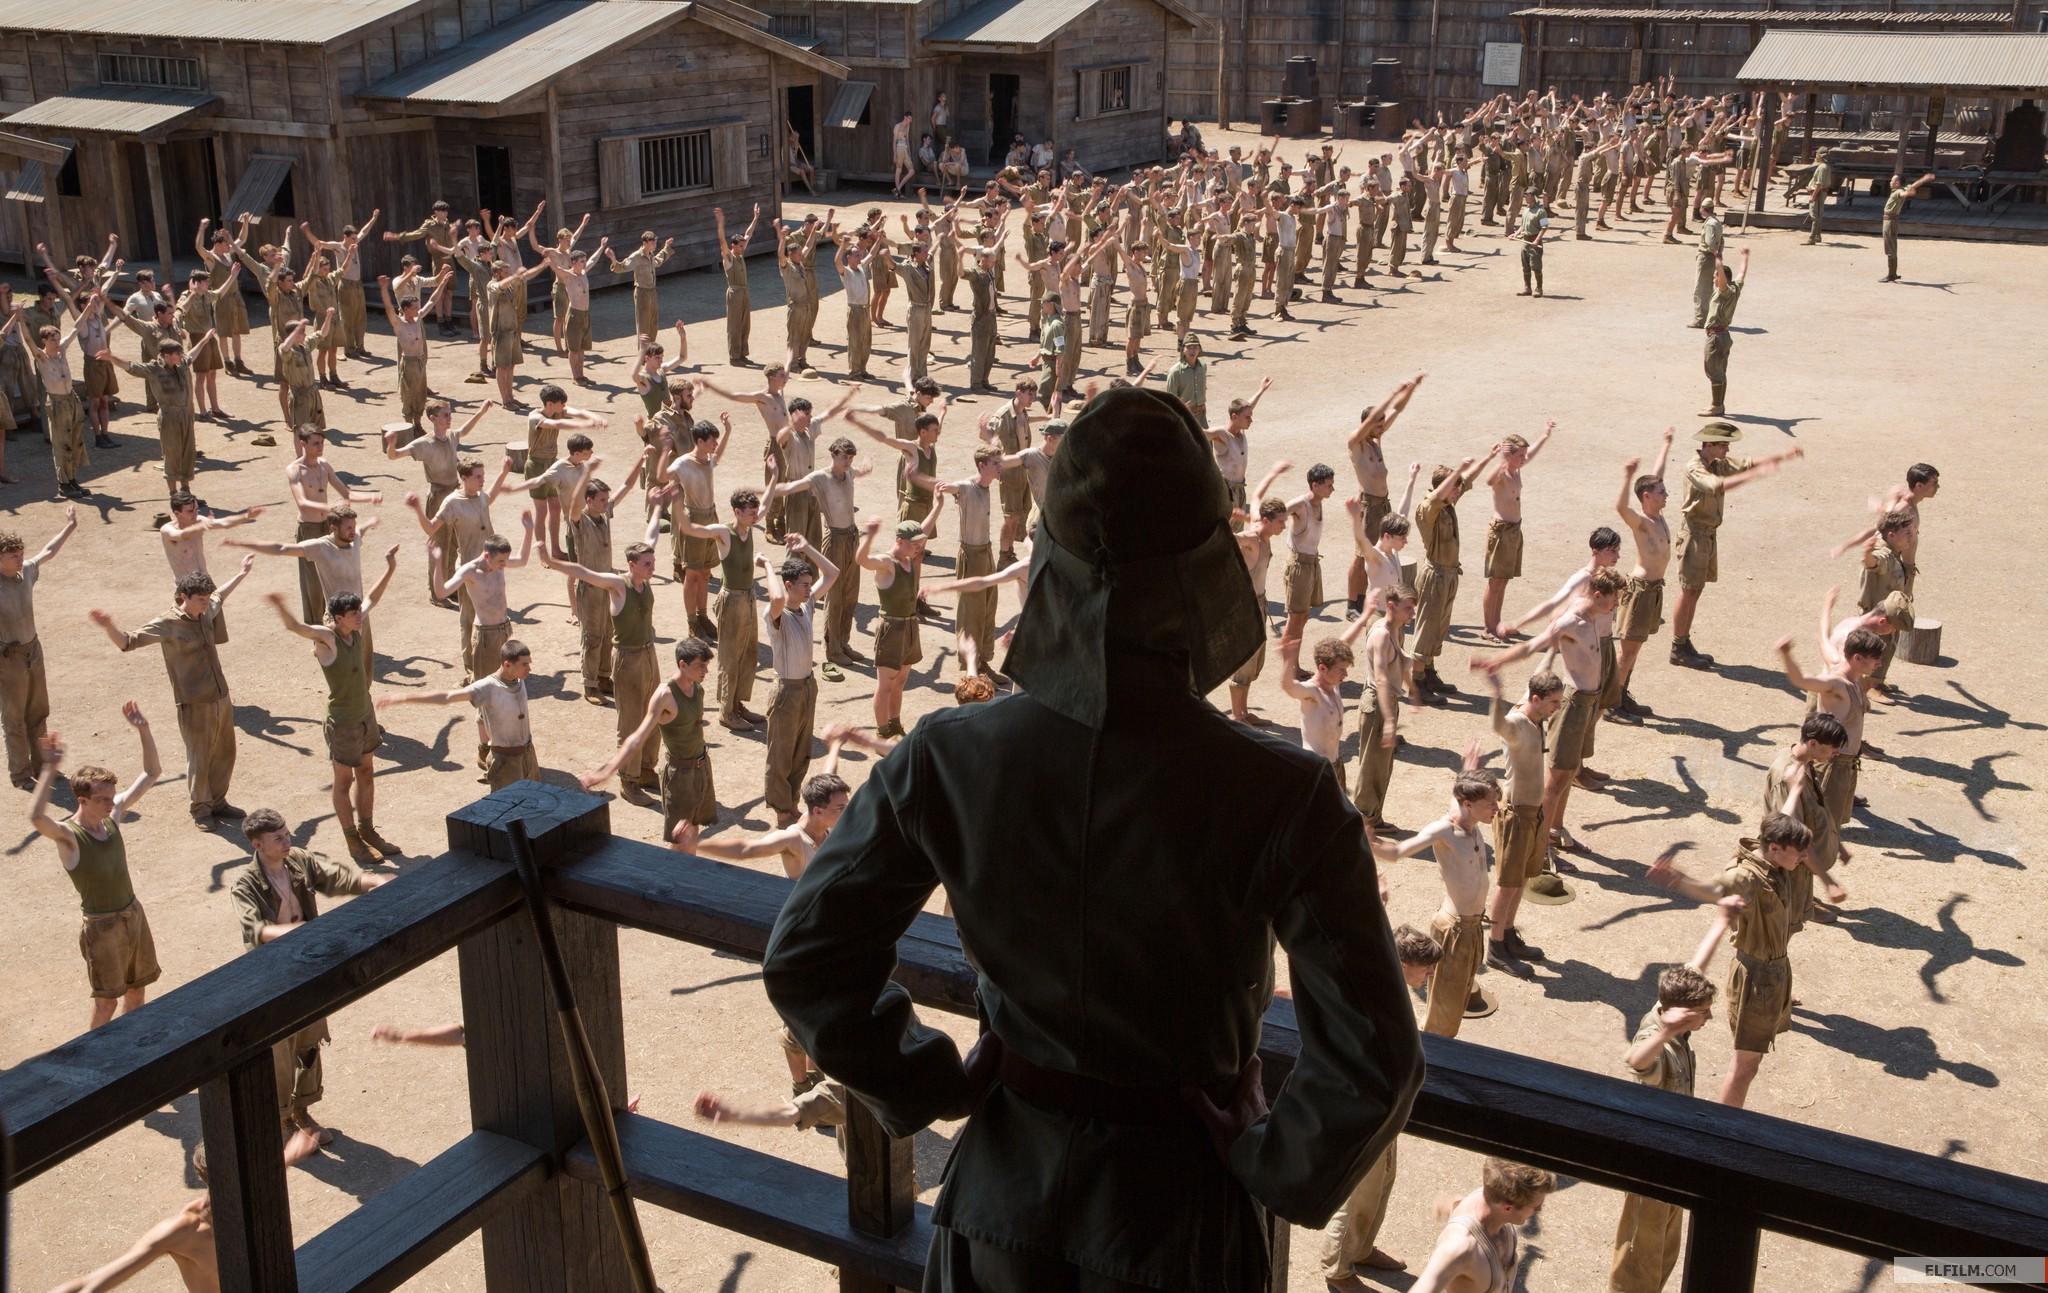 Cena de Invencível, segundo filme de Angelina Jolie como diretora (photo by elfilm.com)